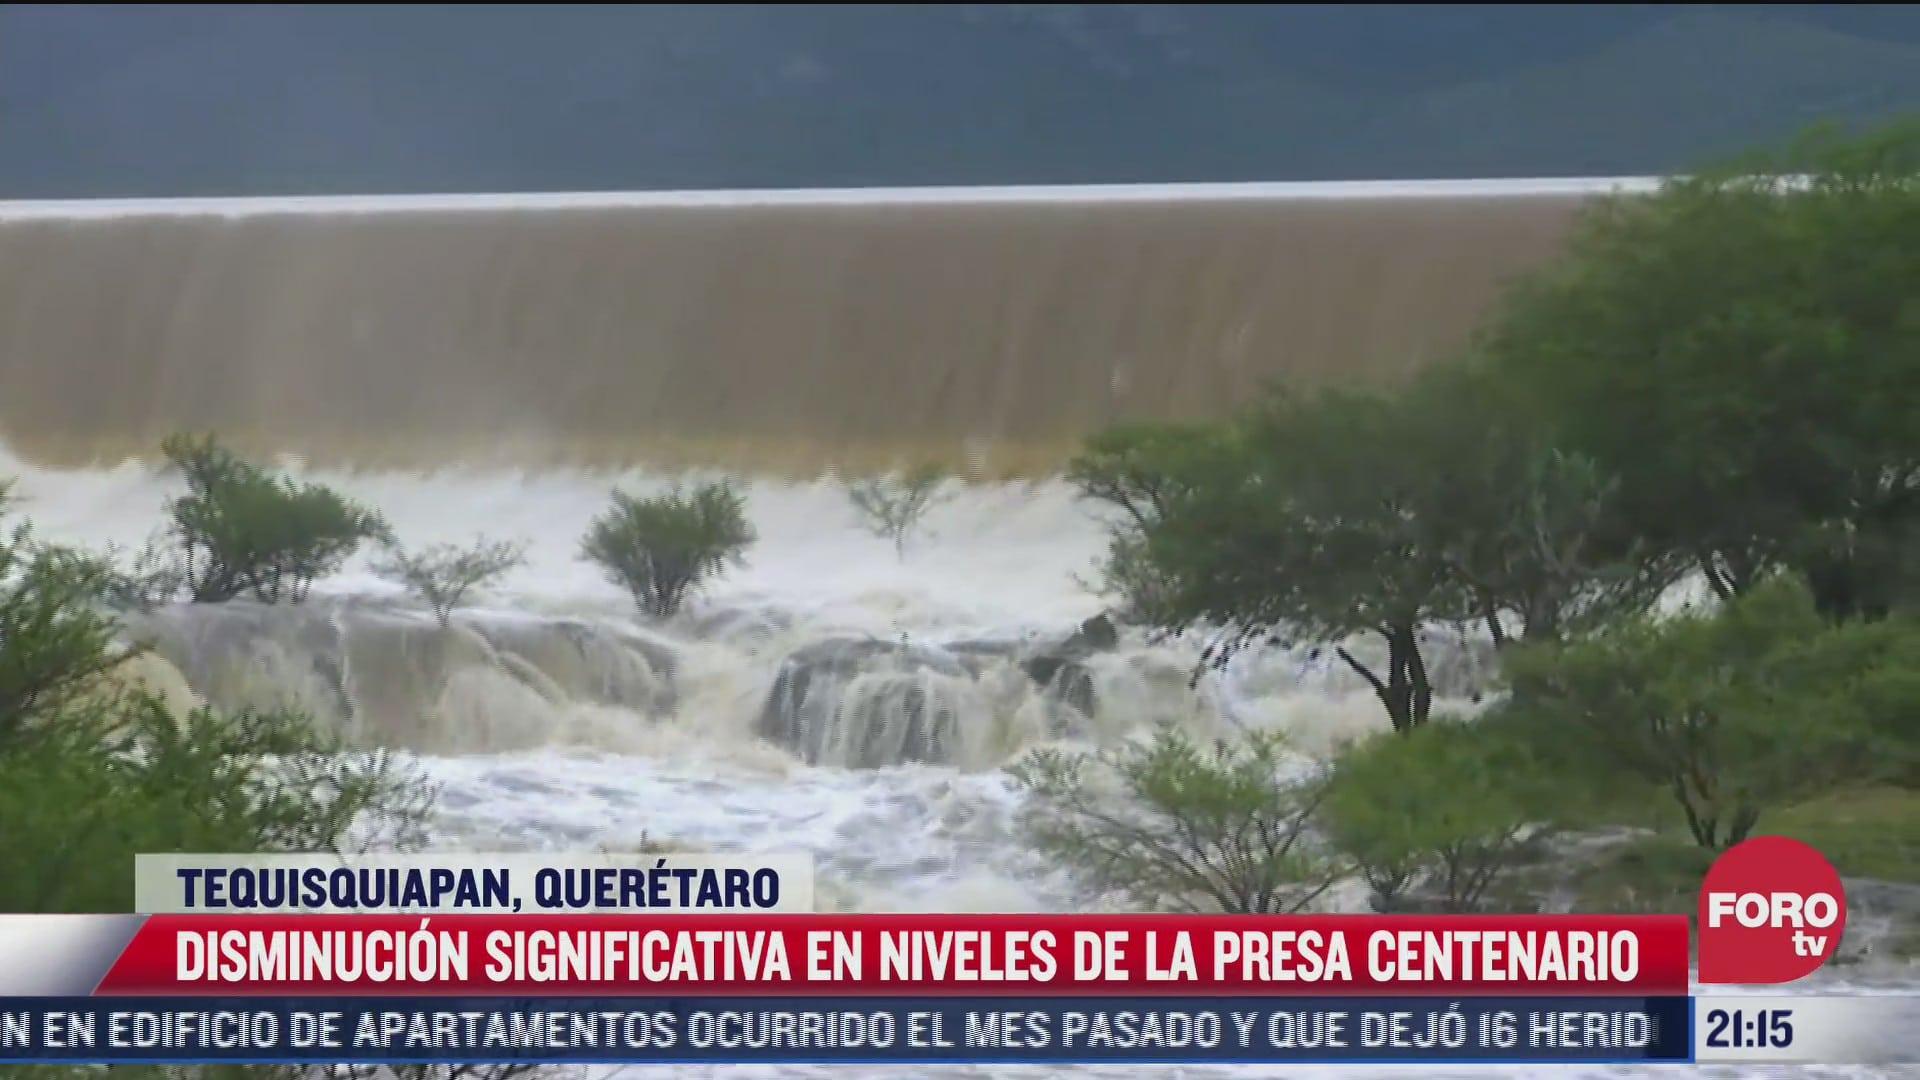 afectaciones por inundaciones continuan en tequisquiapan queretaro